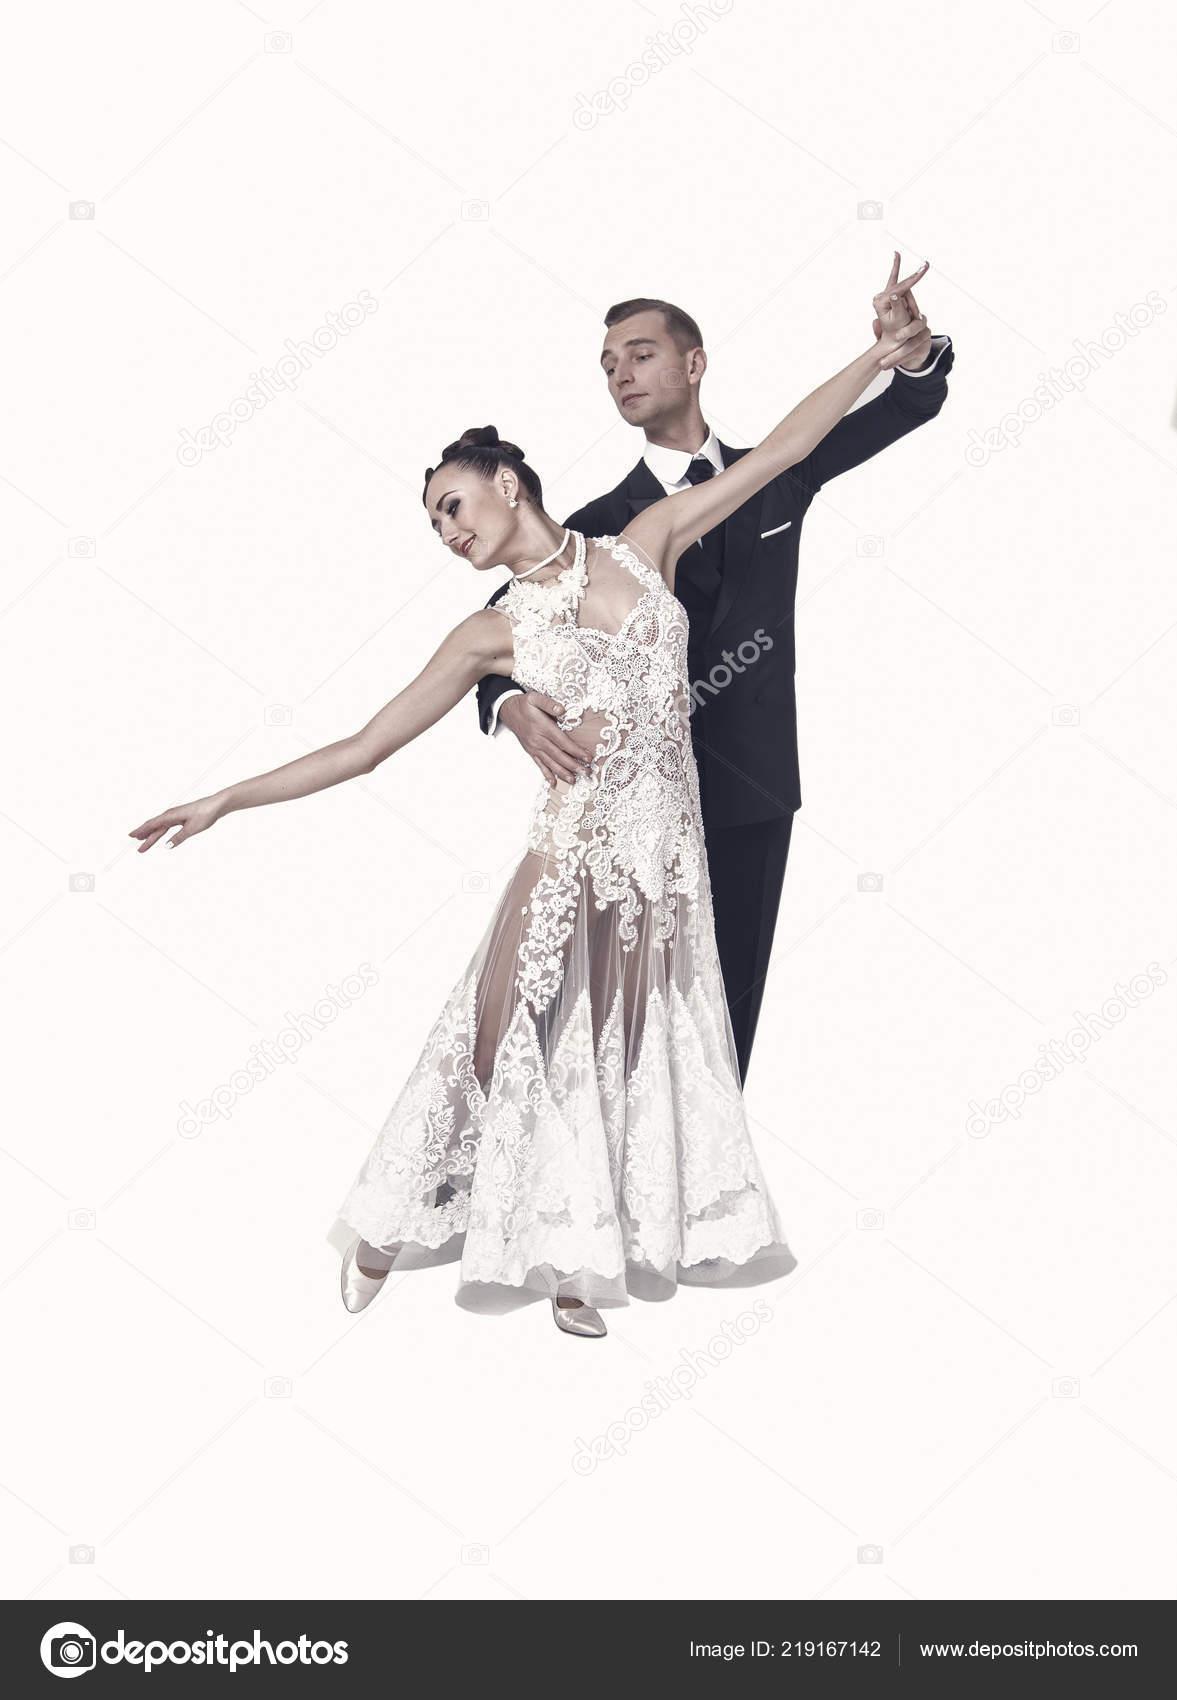 társkereső oldalak bálterem táncosok számára